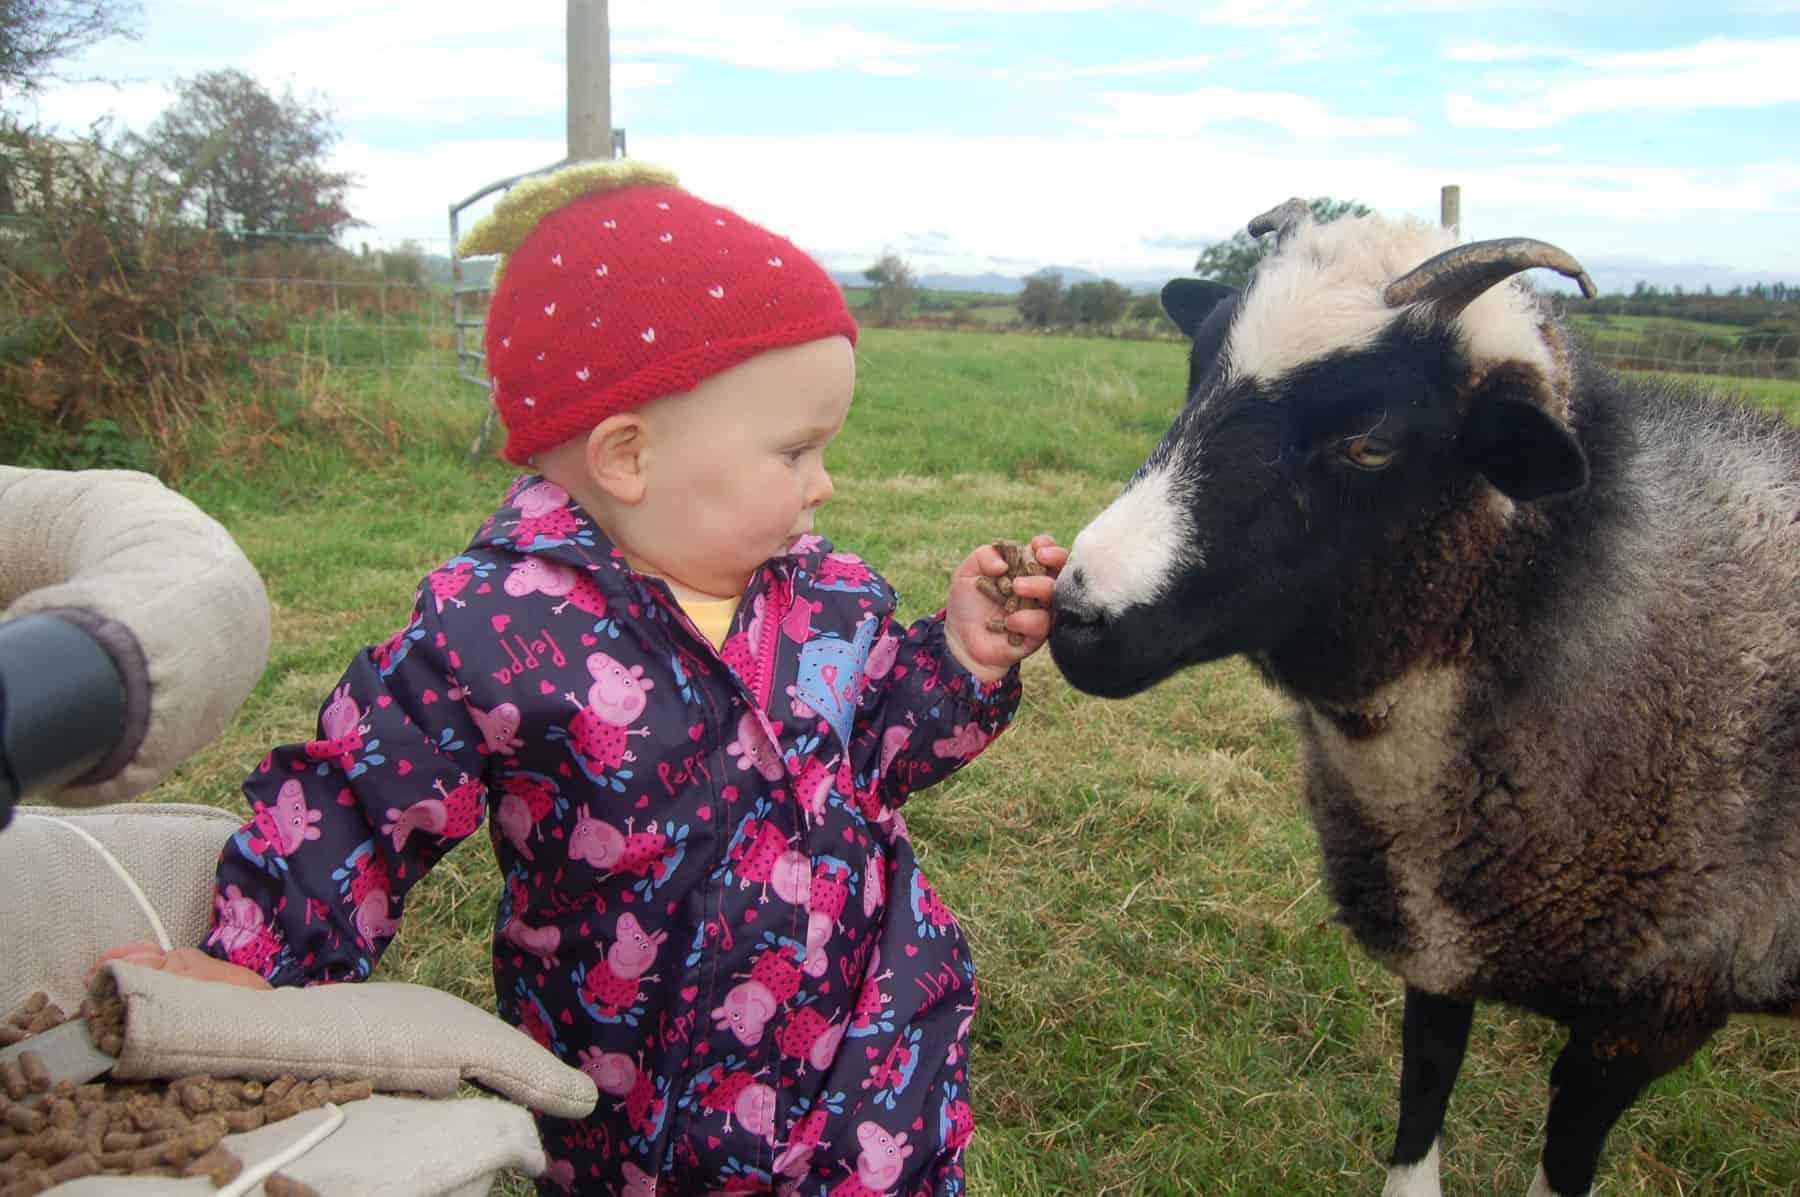 Holly pet lamb sheep jacob cross shetland spotted black grey white wales gwynedd kids farm life 2